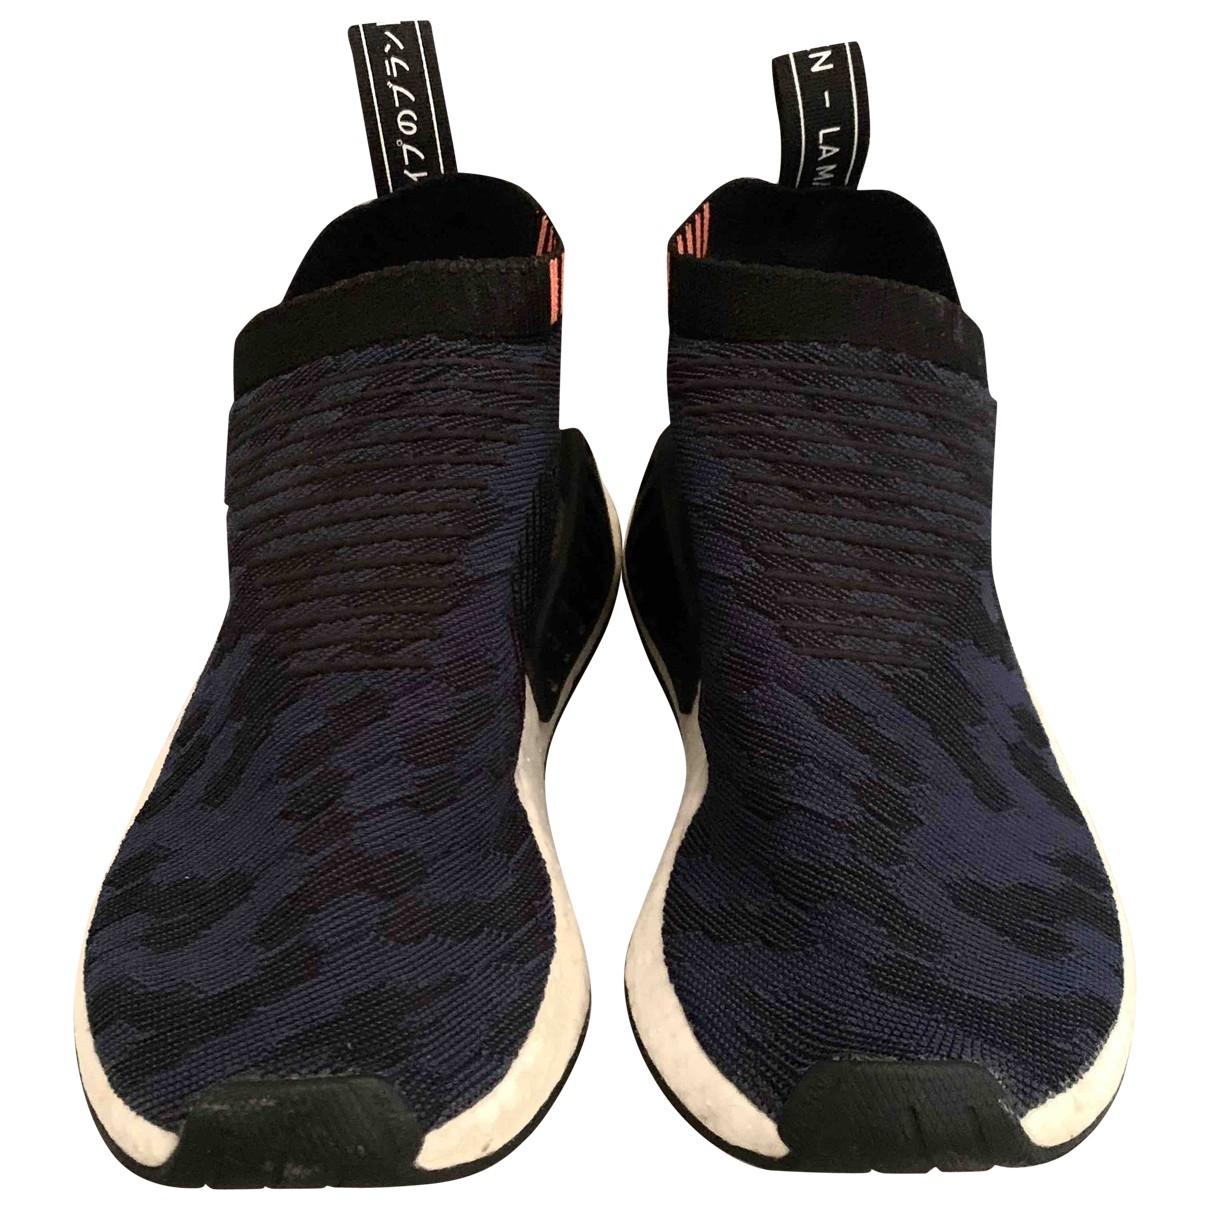 Adidas - Baskets Nmd pour femme en toile - noir